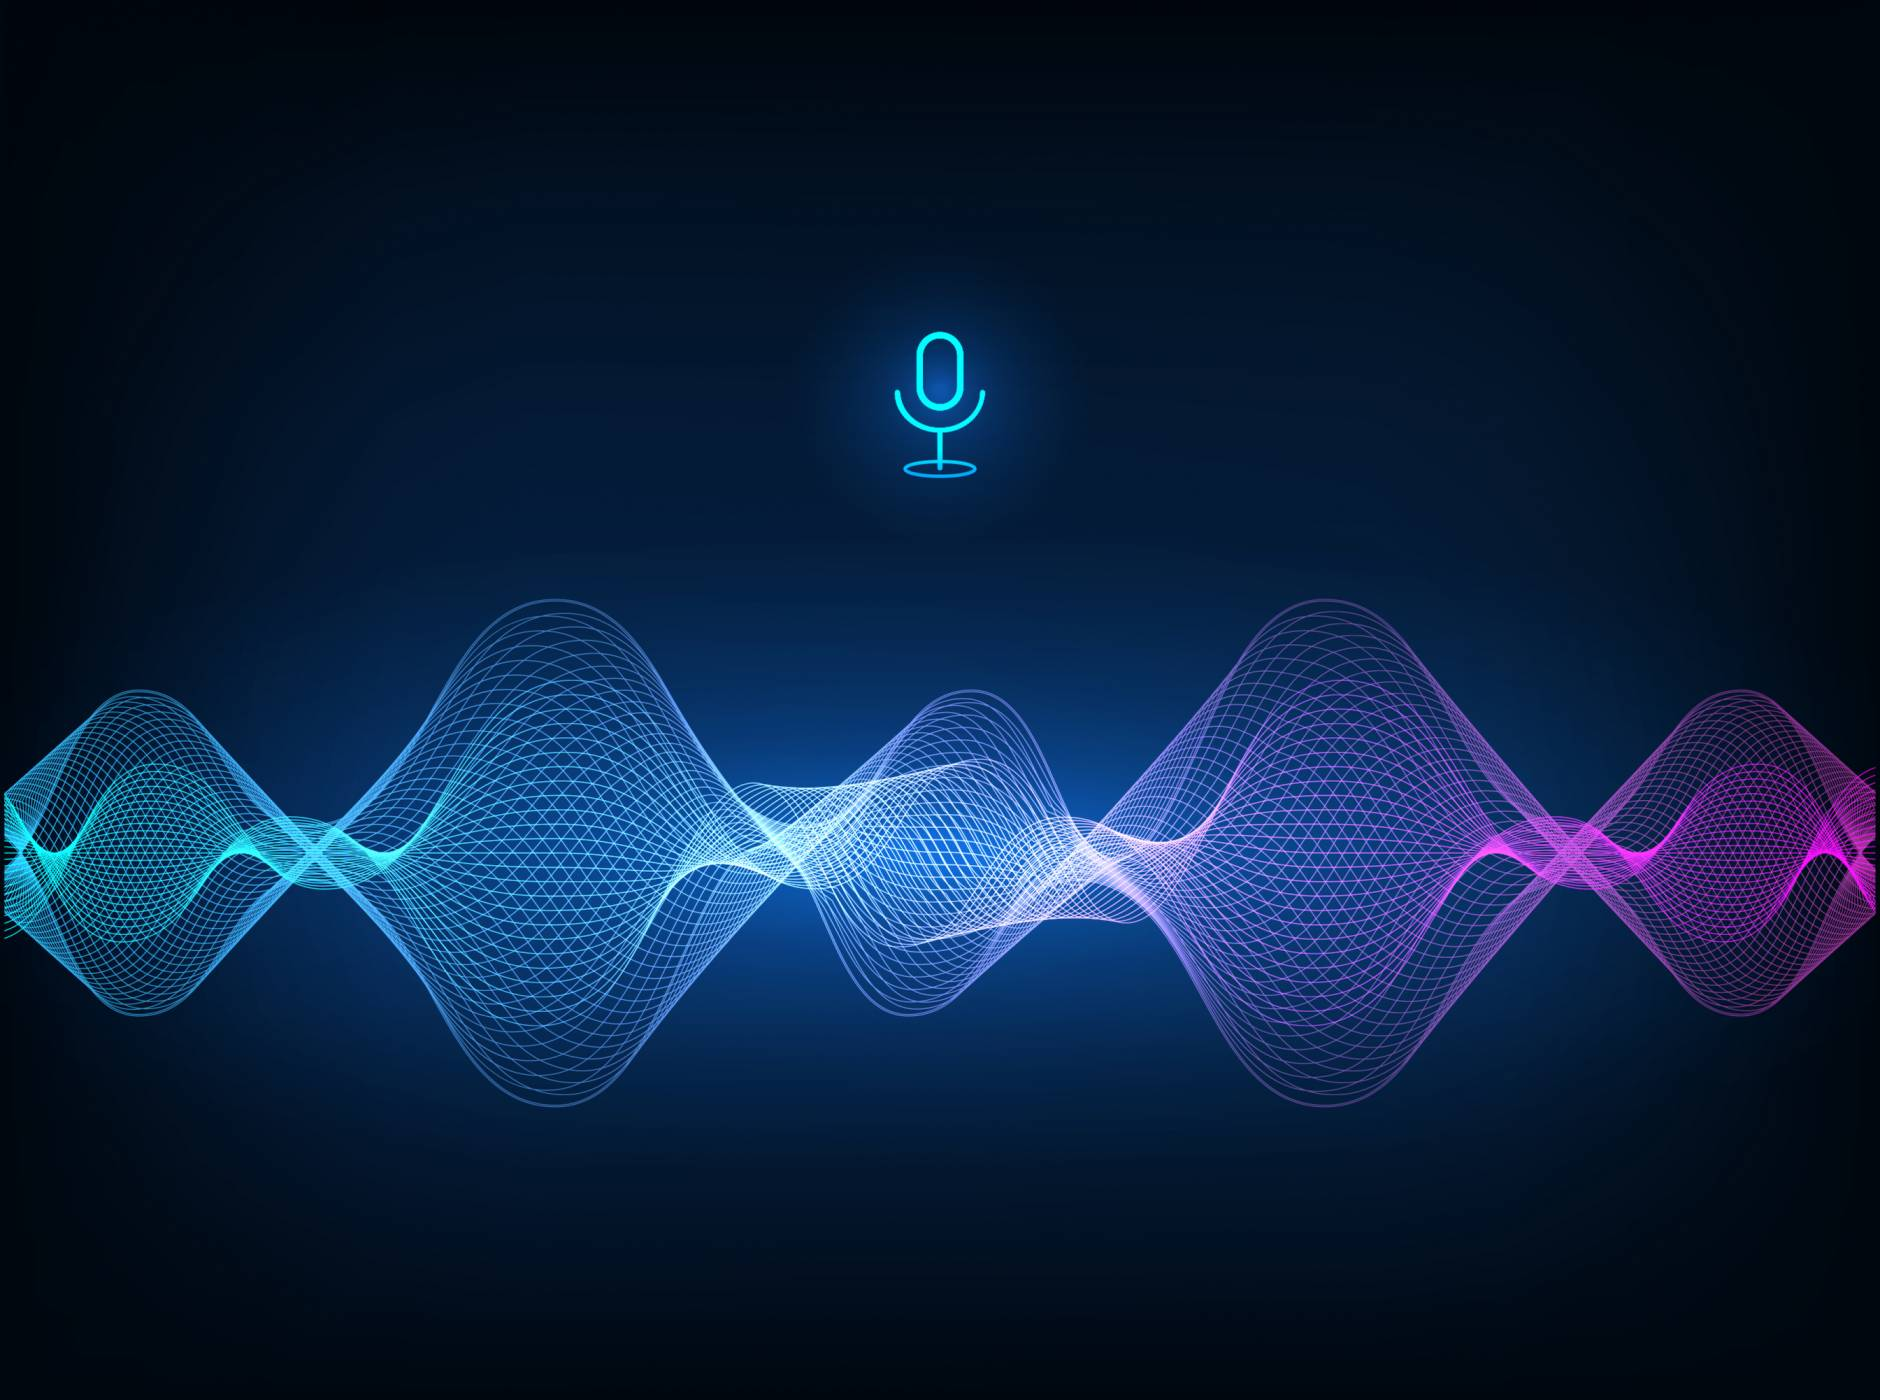 Учени откриват COVID-19 по гласа ни